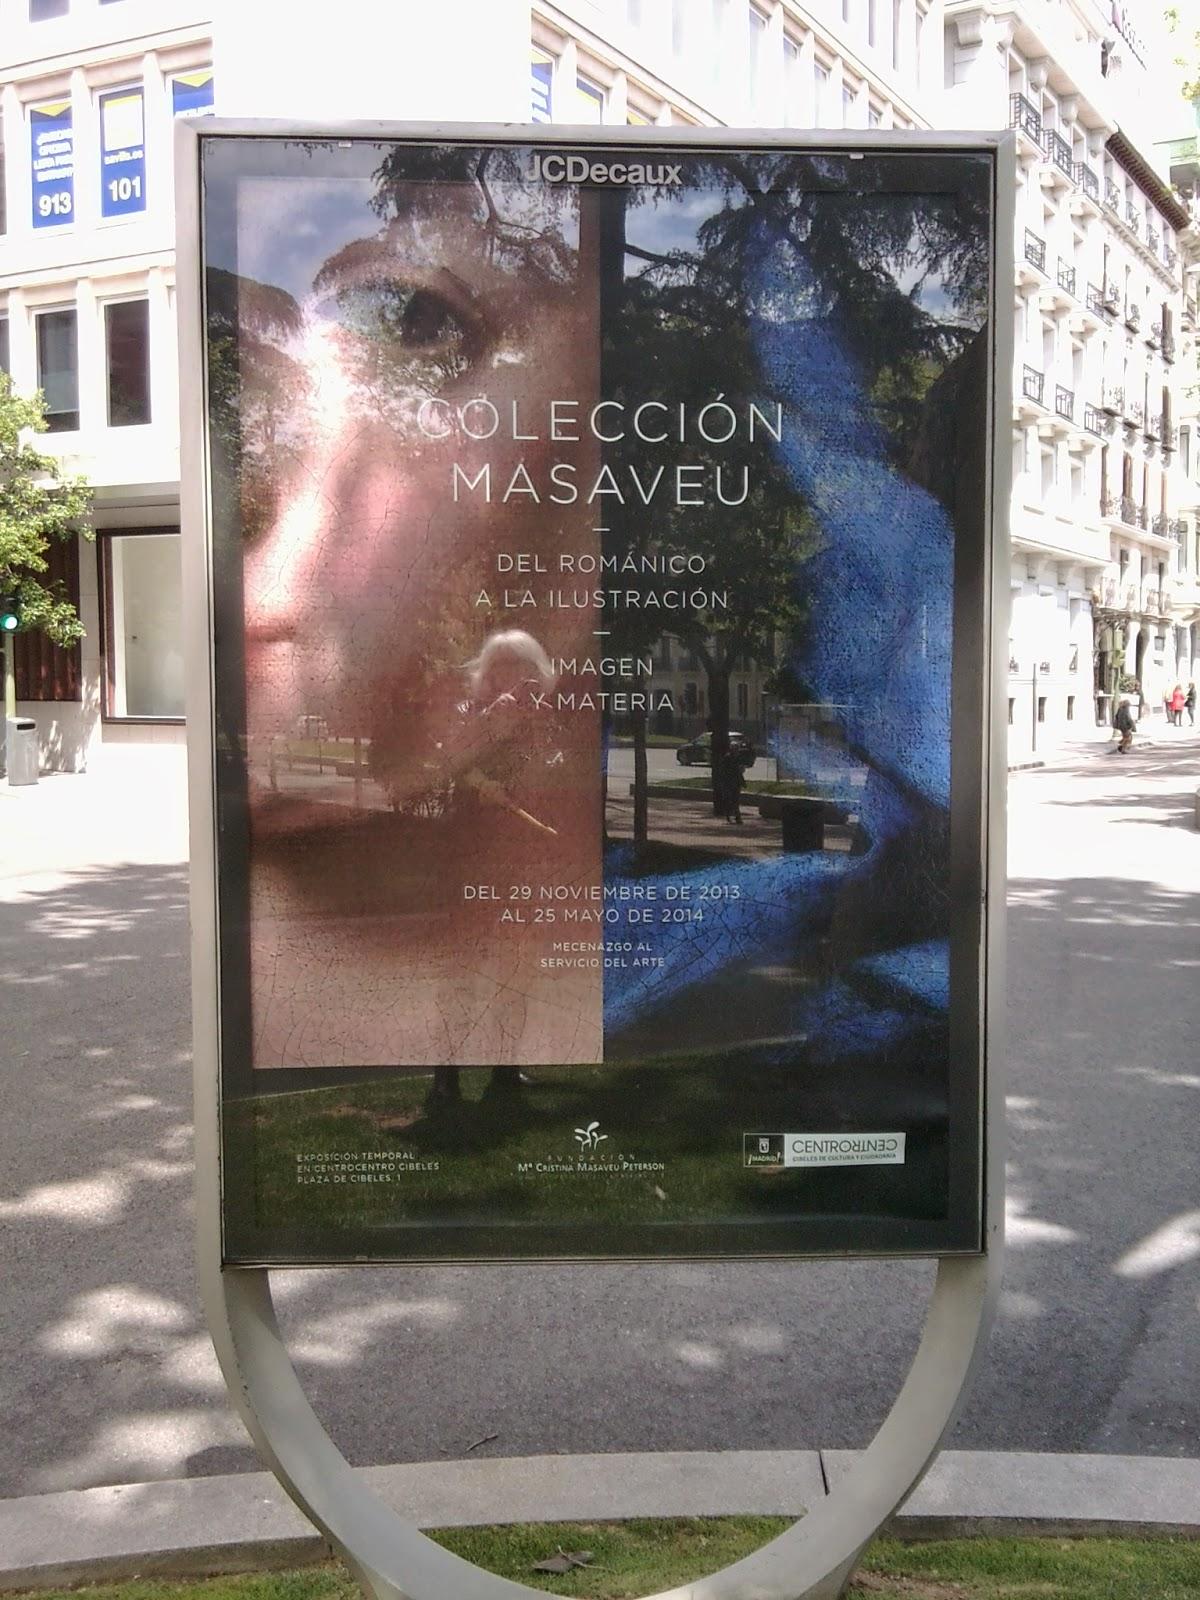 Colección Masaveu, CentroCentro, exposiciones madrid, Arte, Blog de Arte, Yvonne Brochard, Victim of art.